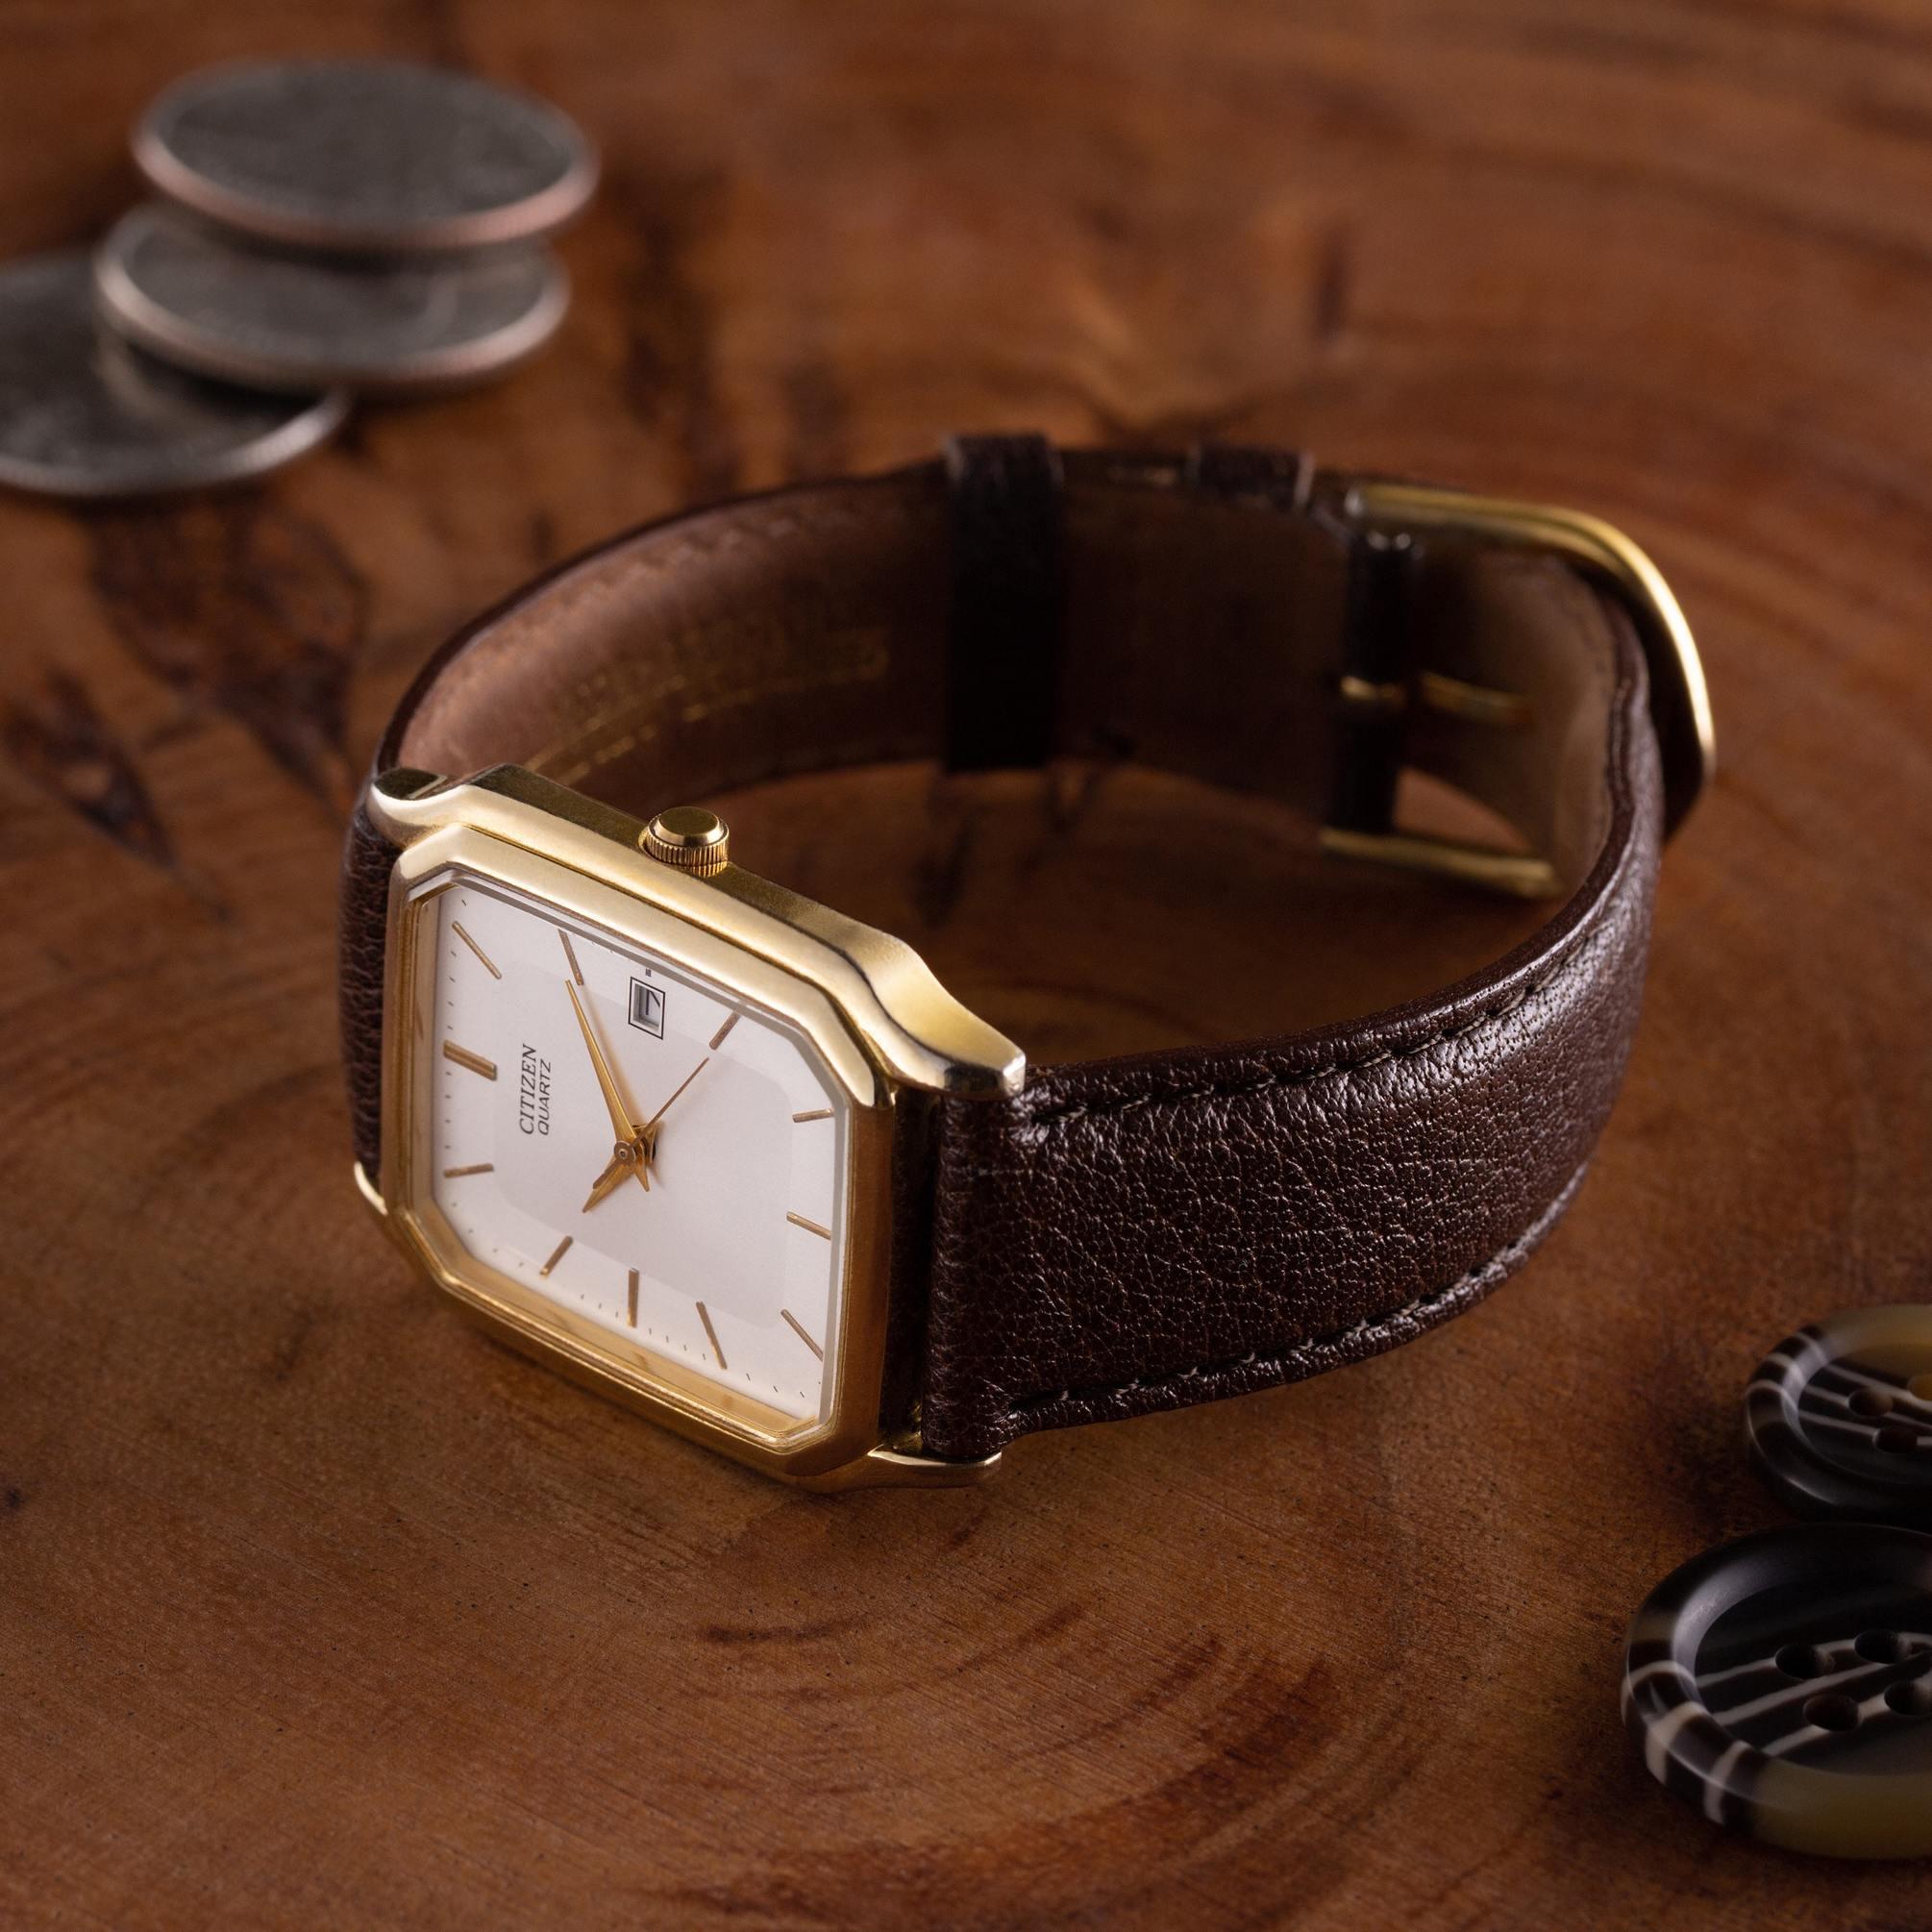 Citizen quartz dress watch - The Modest Man